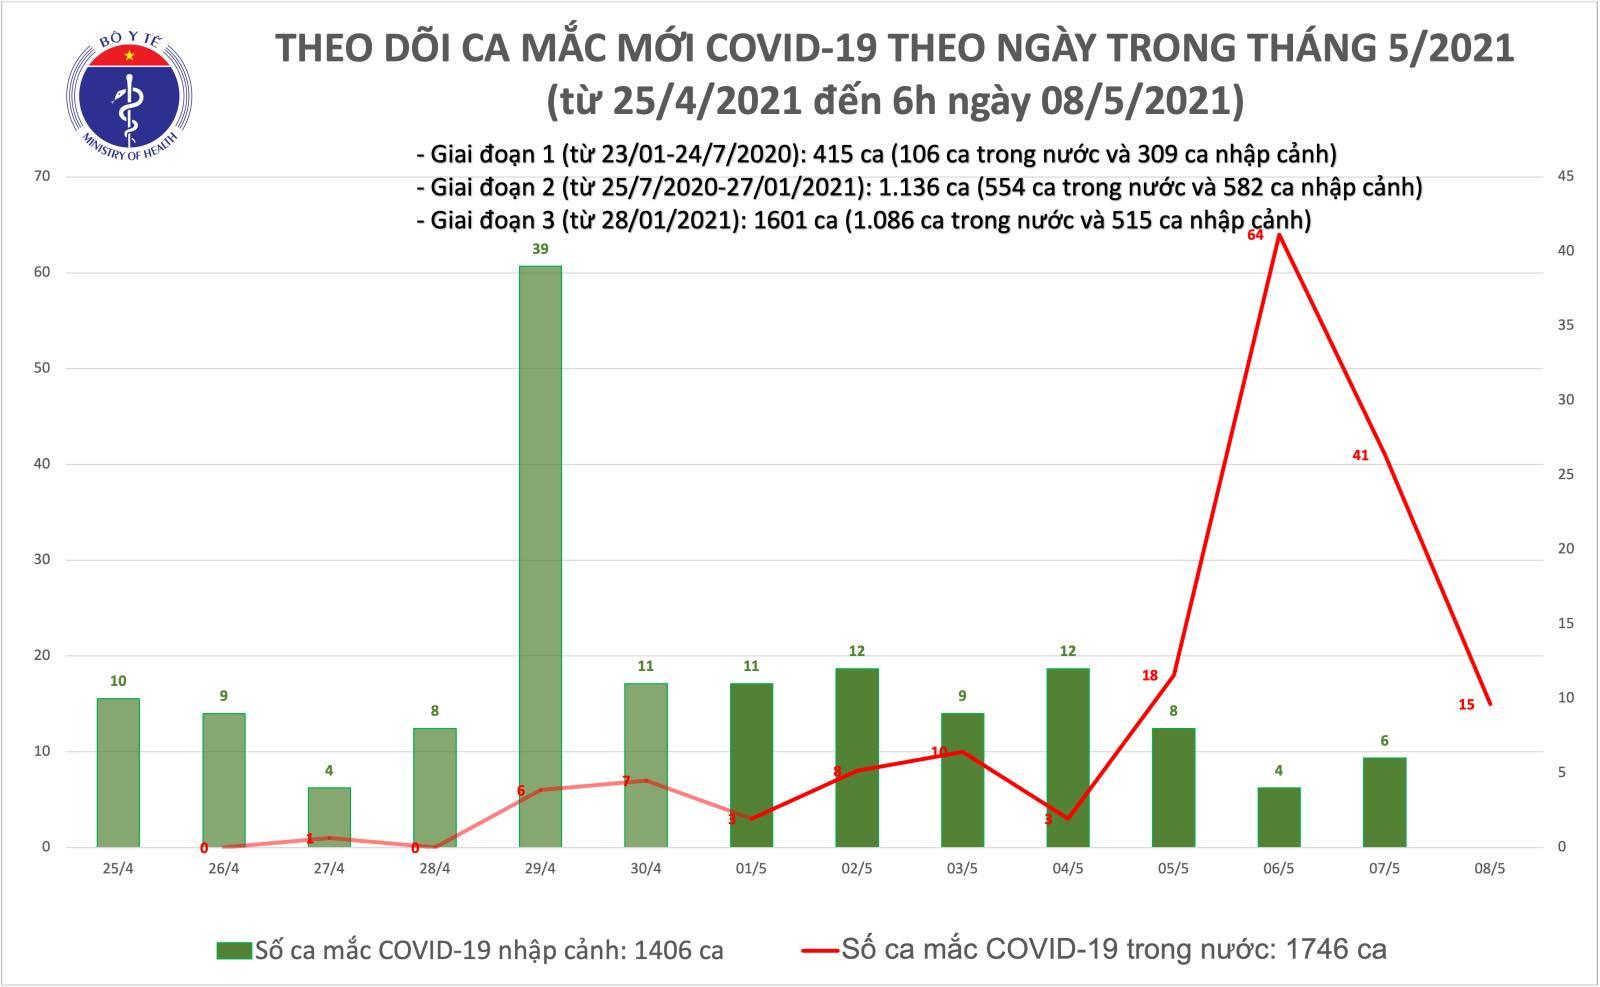 Sáng 8/5: Bộ Y tế công bố 15 ca mắc COVID-19 ghi nhận trong nước - Ảnh 1